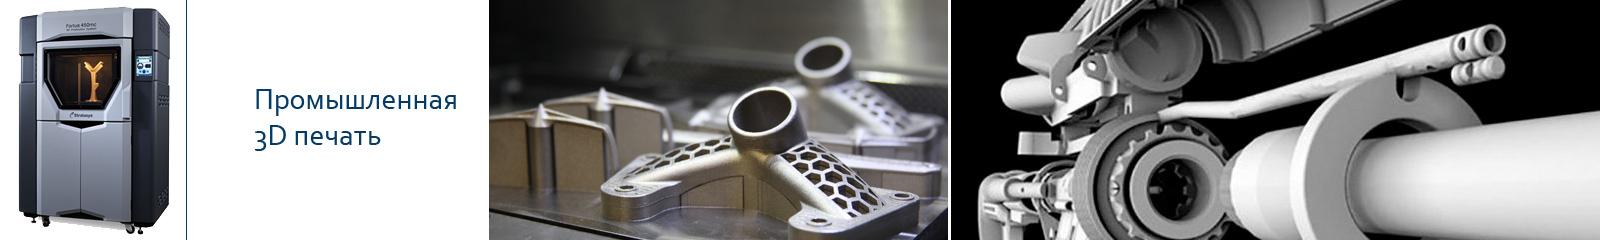 Промышленная 3D печать